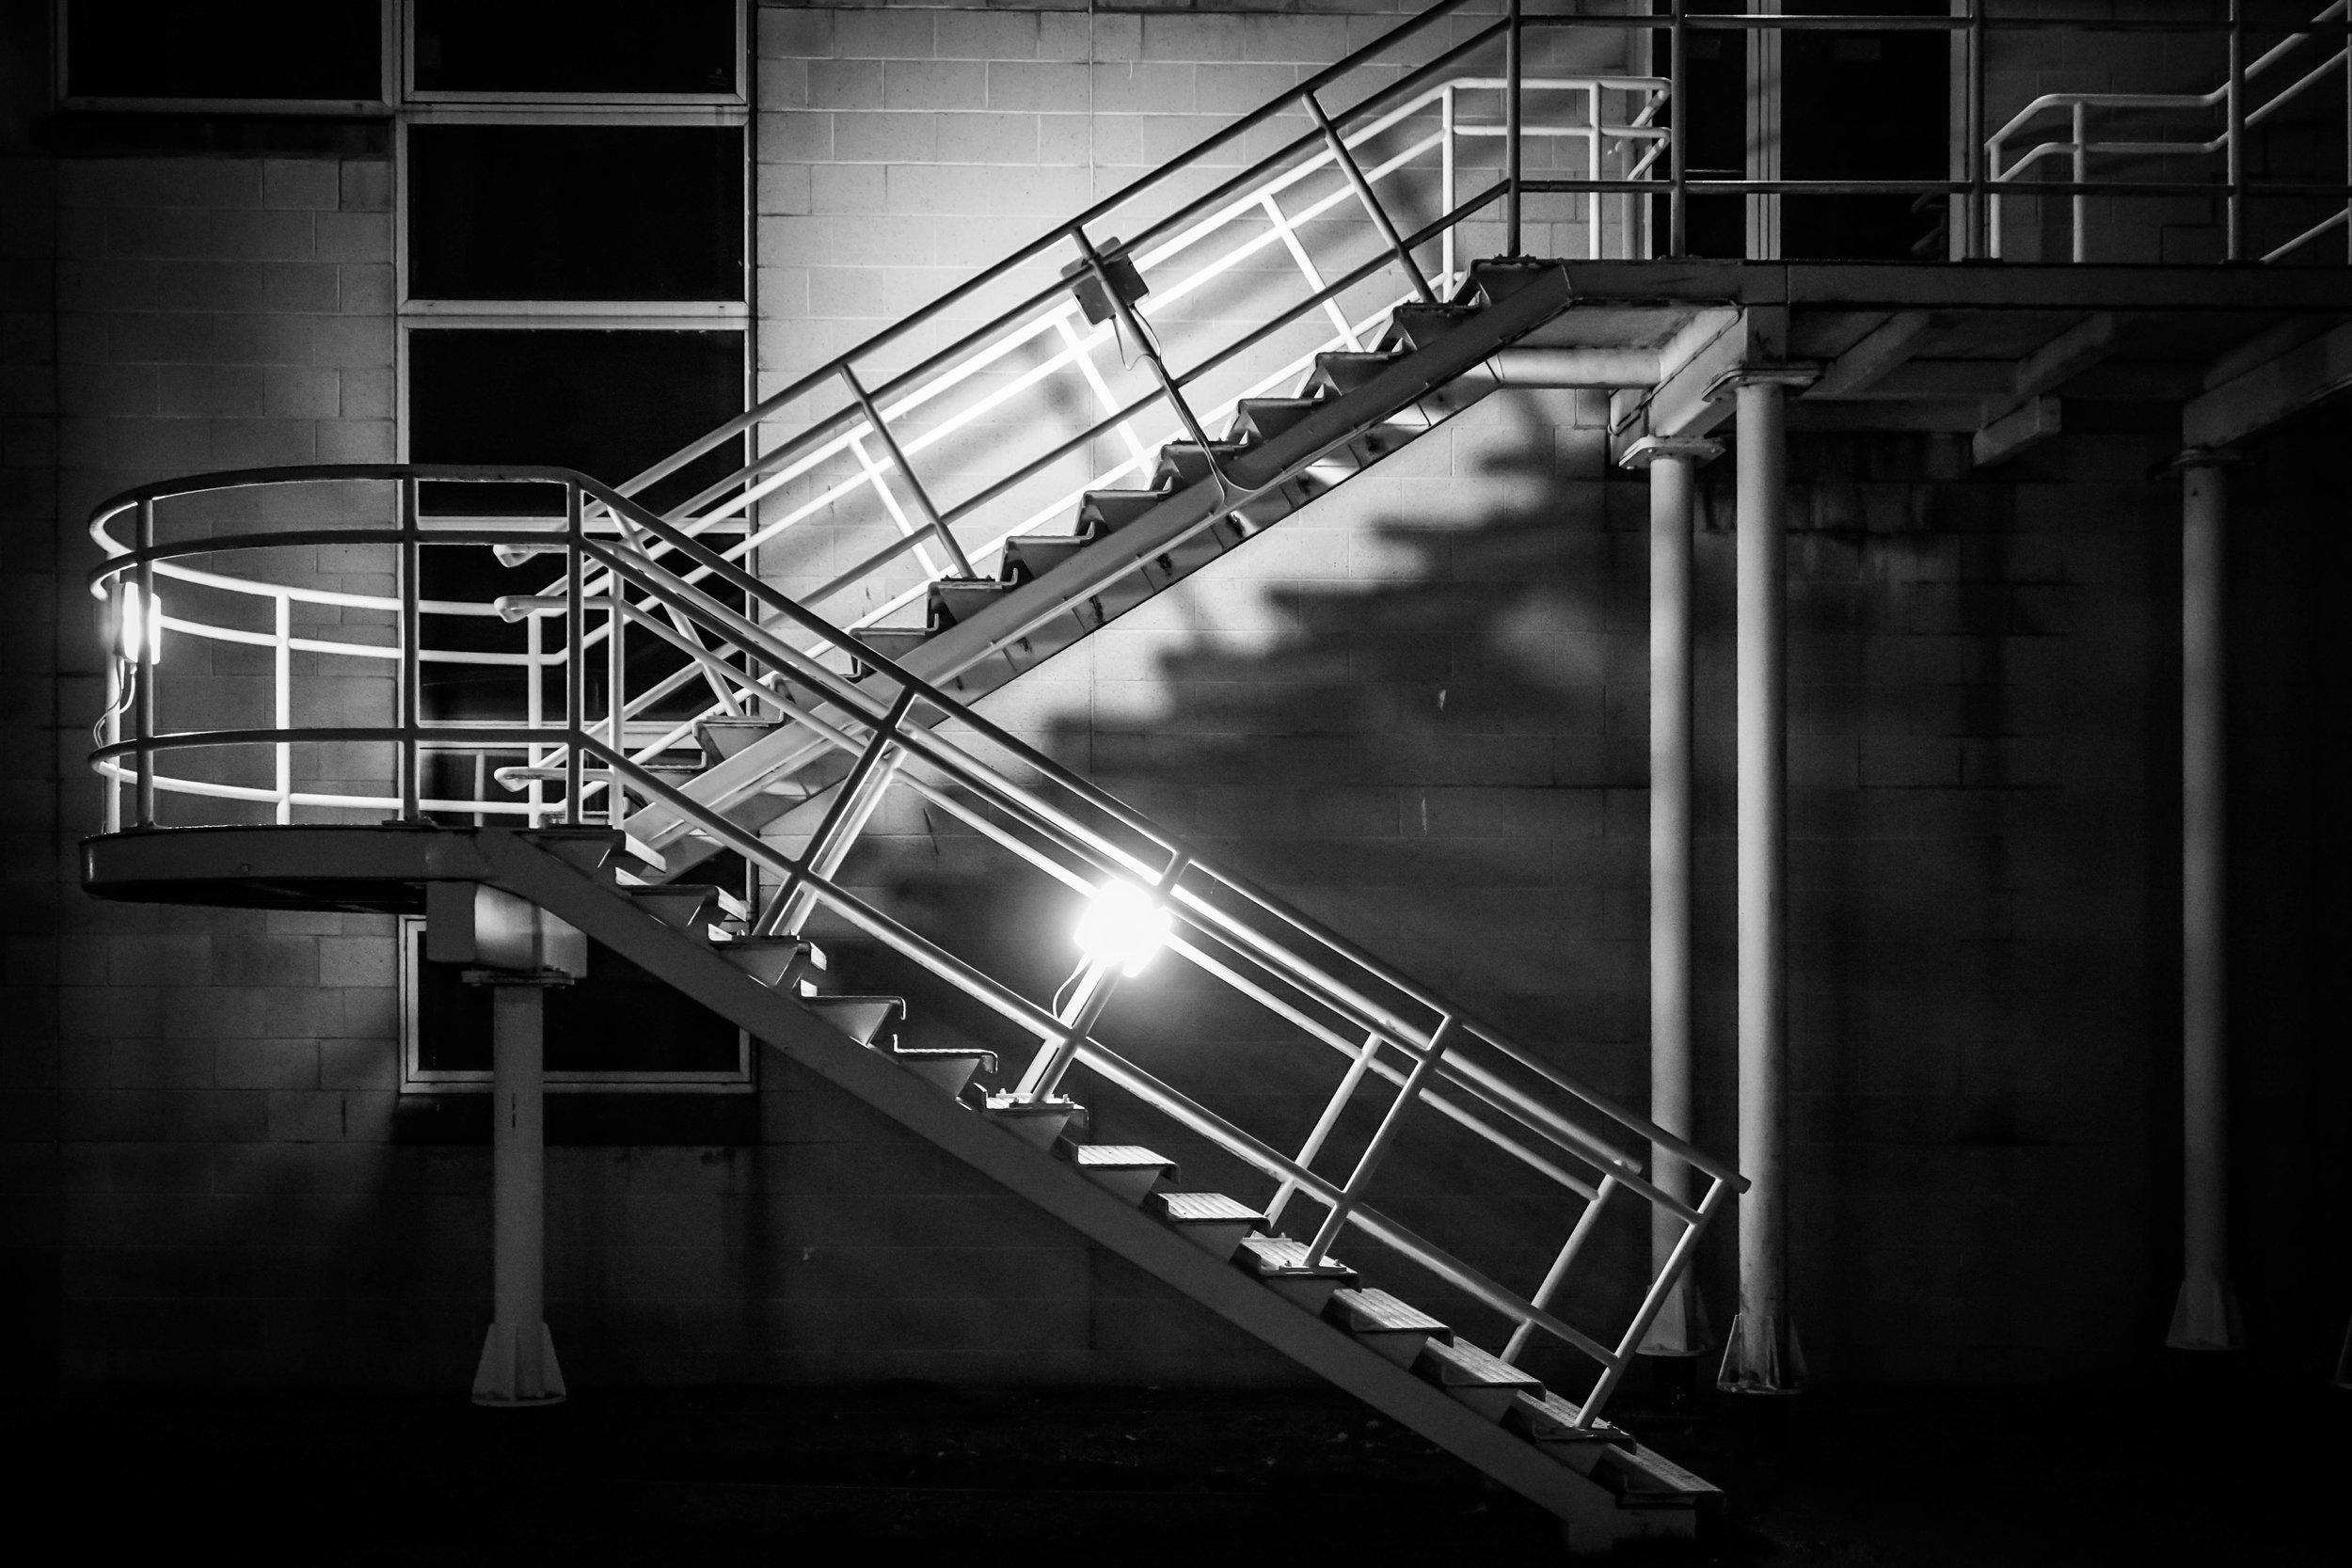 Staircase Durham University - Stockton